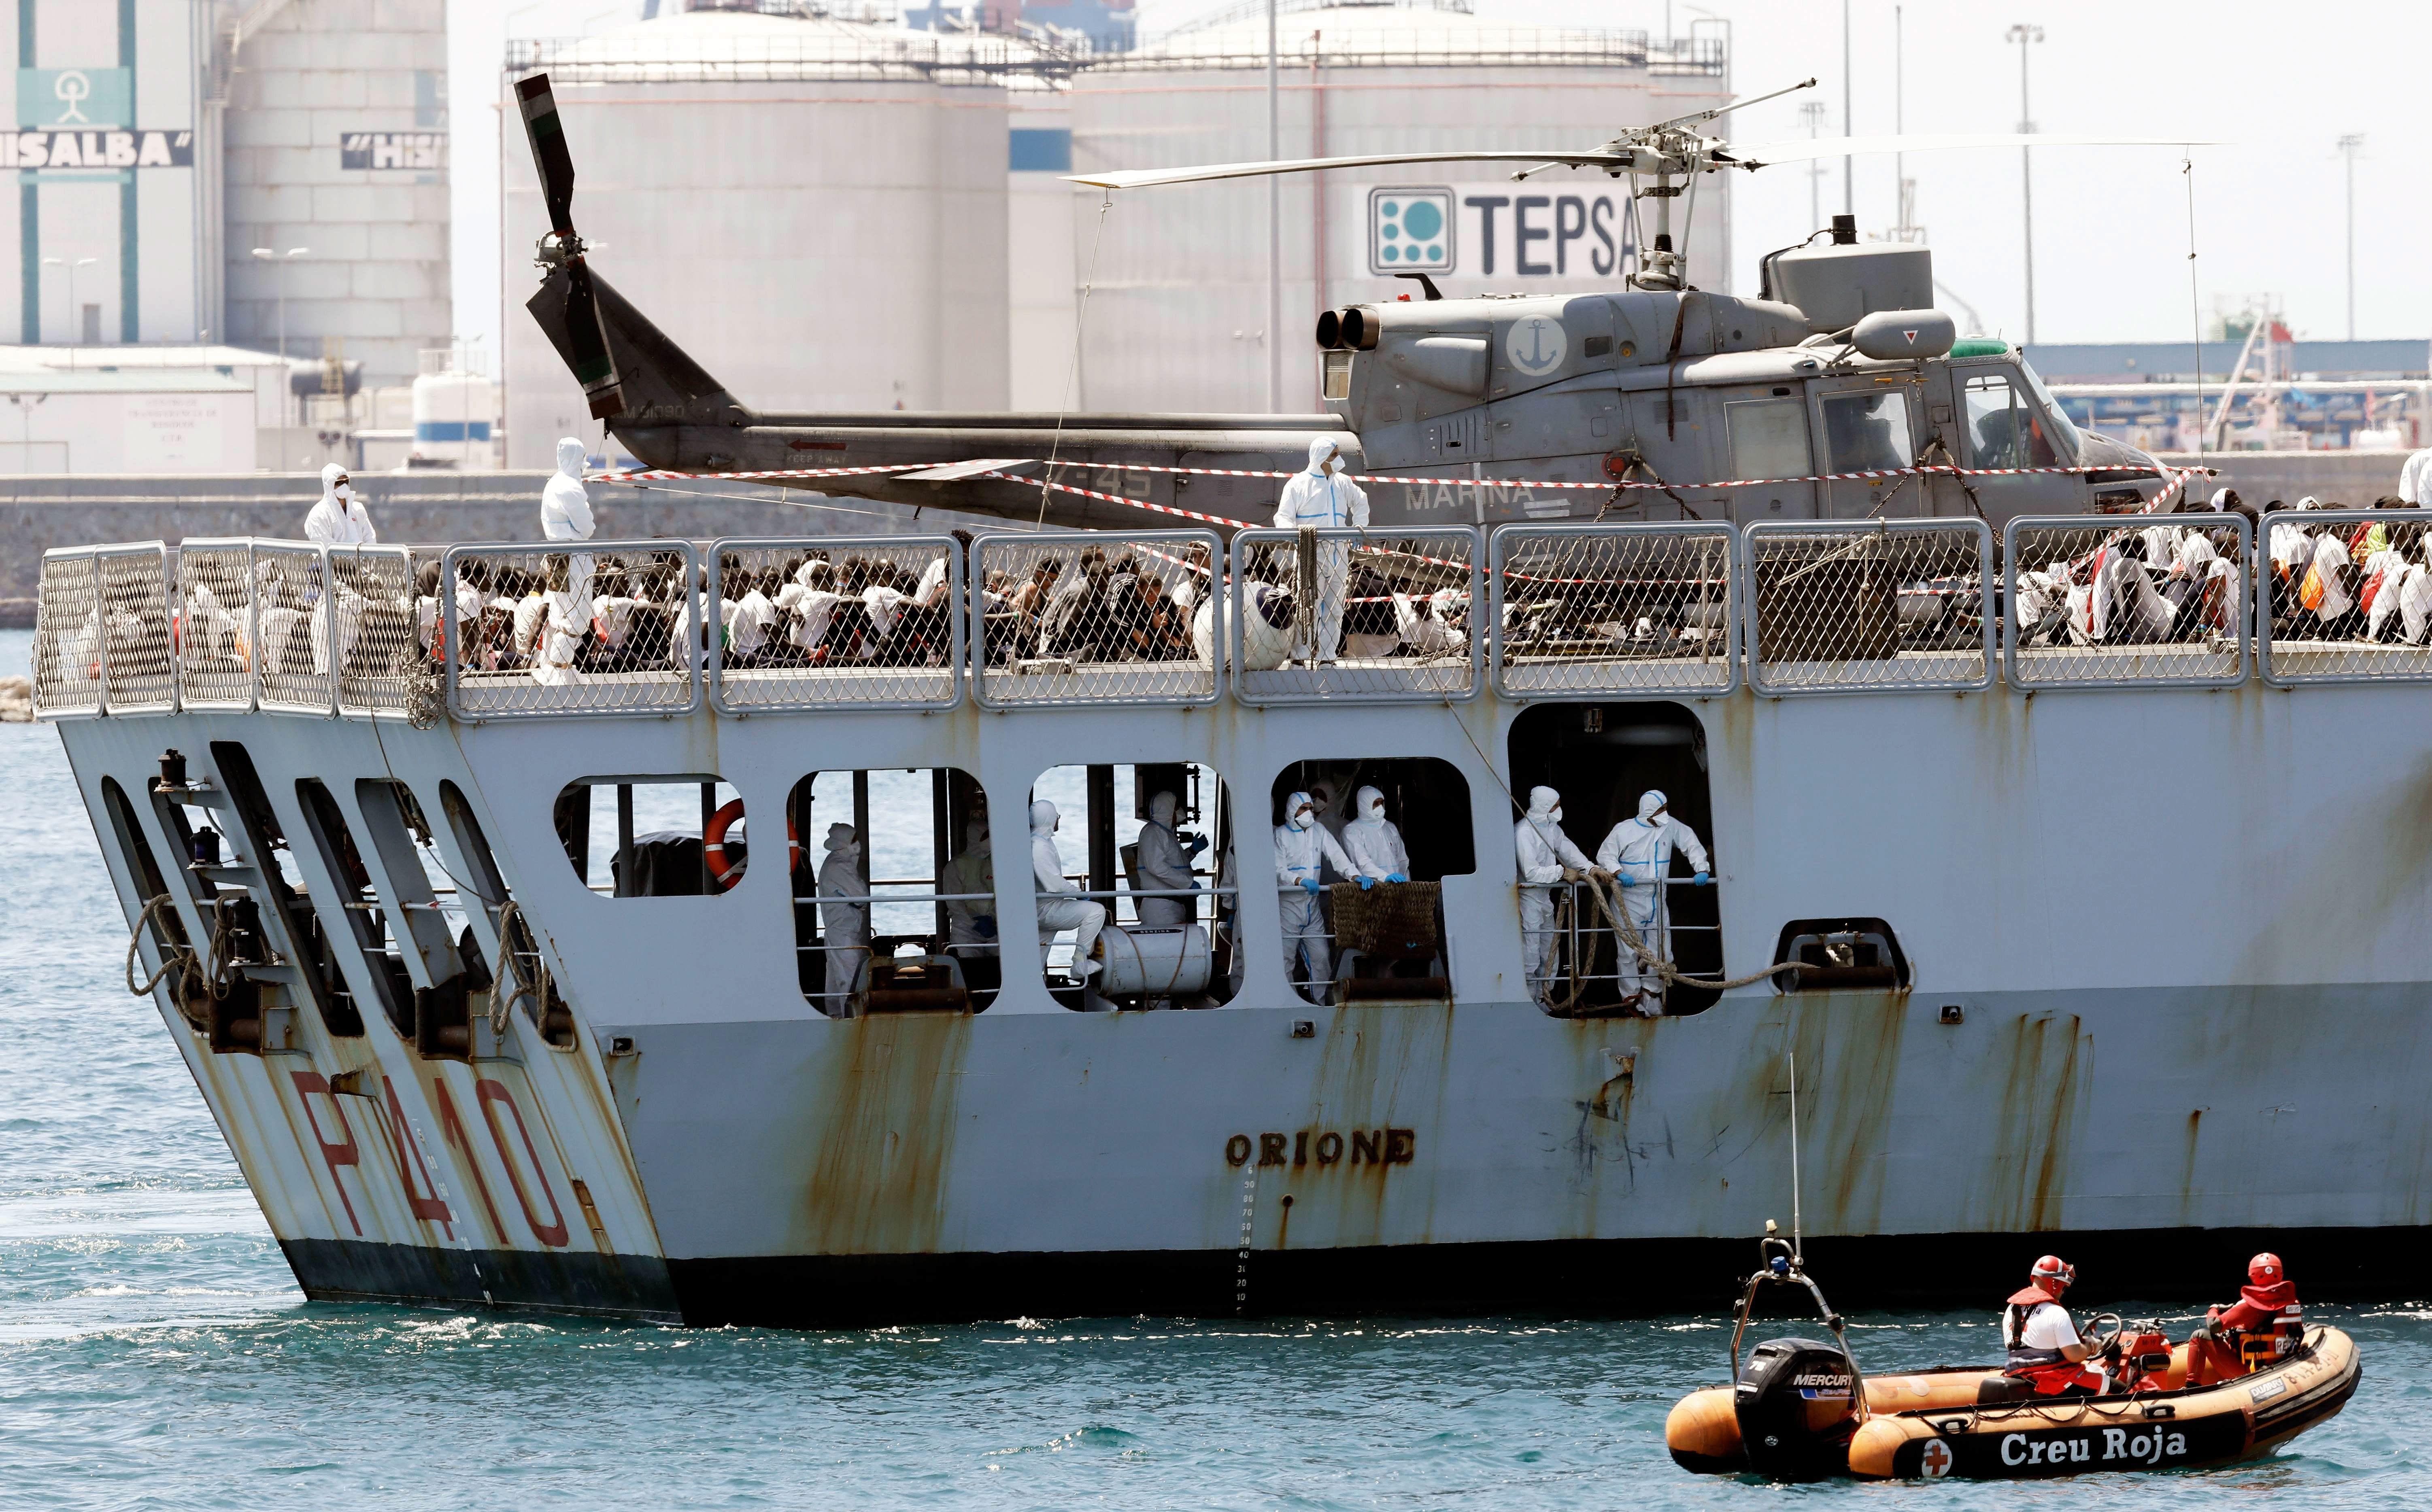 Francia acogerá a unos 80 refugiados del 'Aquarius'